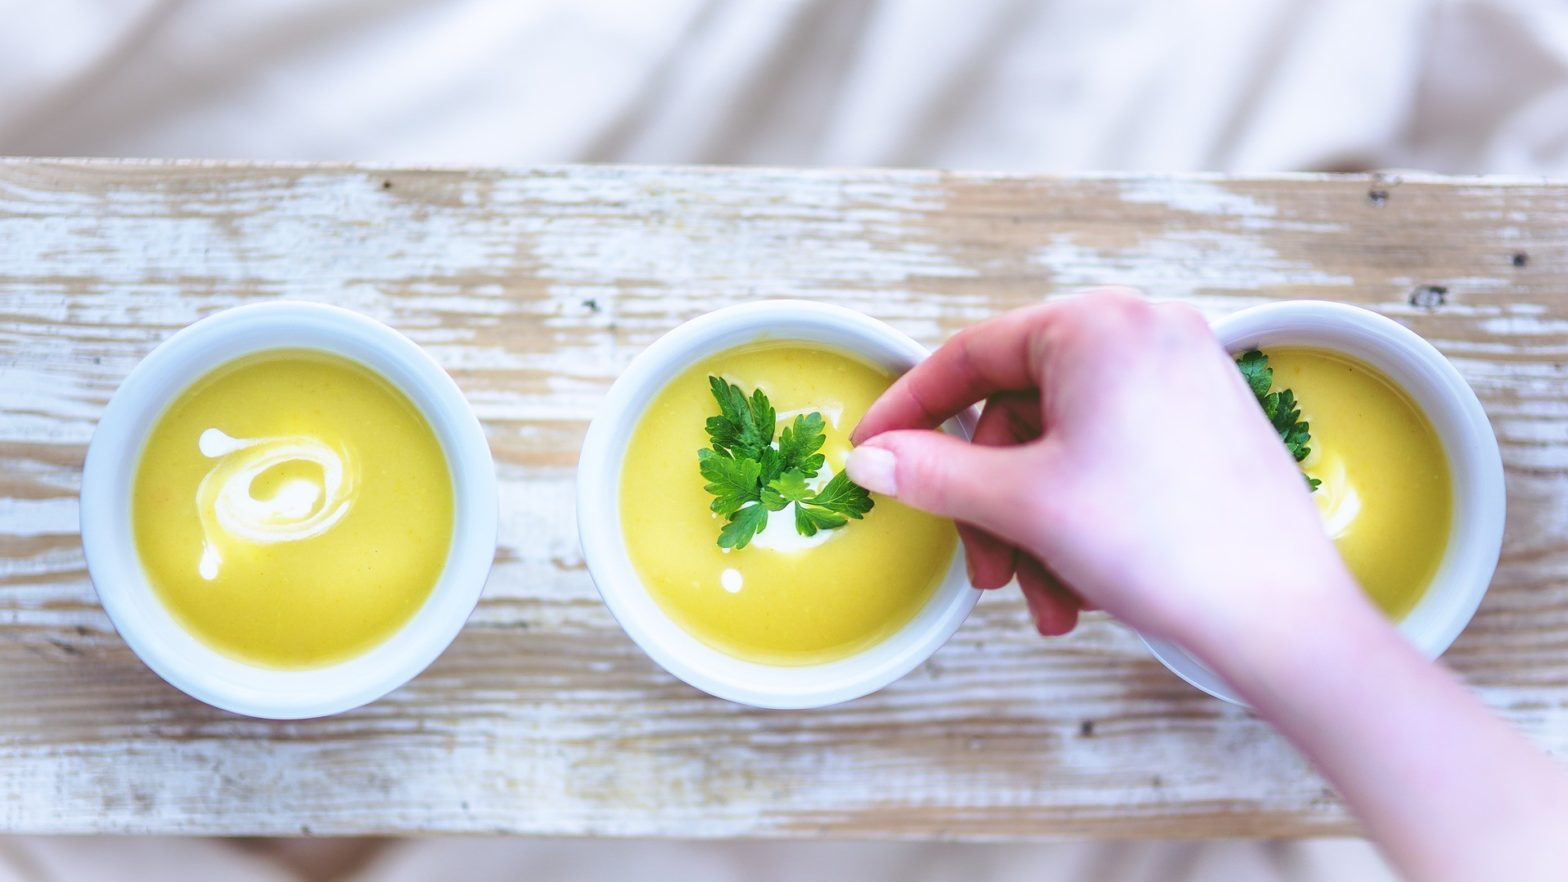 3 pratos de sopas amarelas uma ao lado da outra e uma mão feminina colocando uma folha de salsinha na sopa do meio.